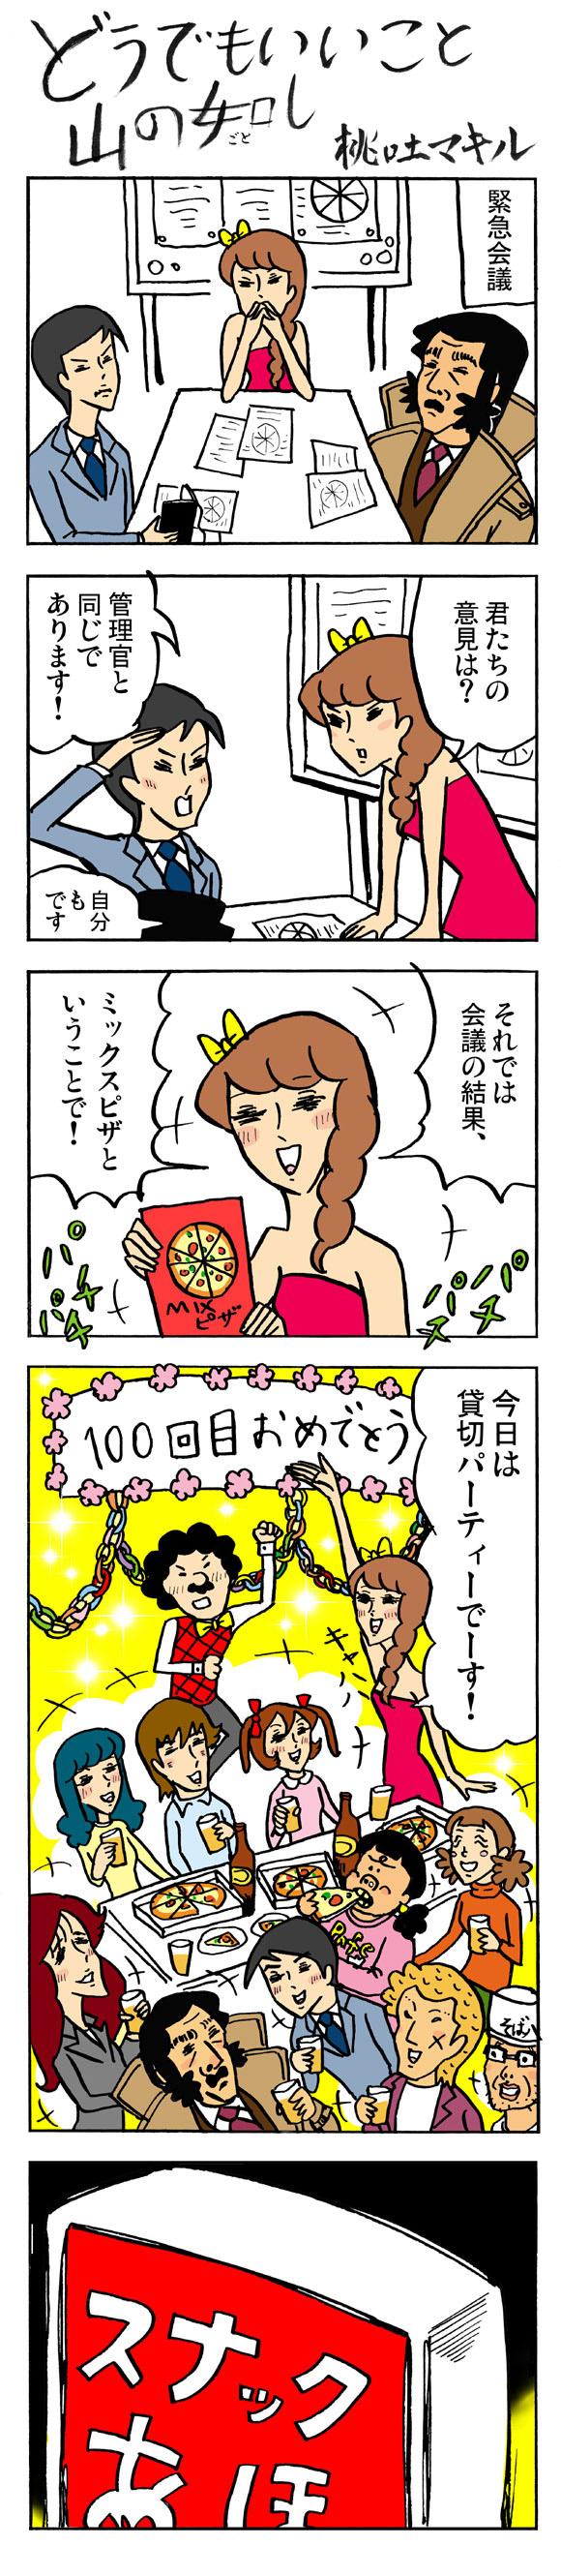 doudemo100